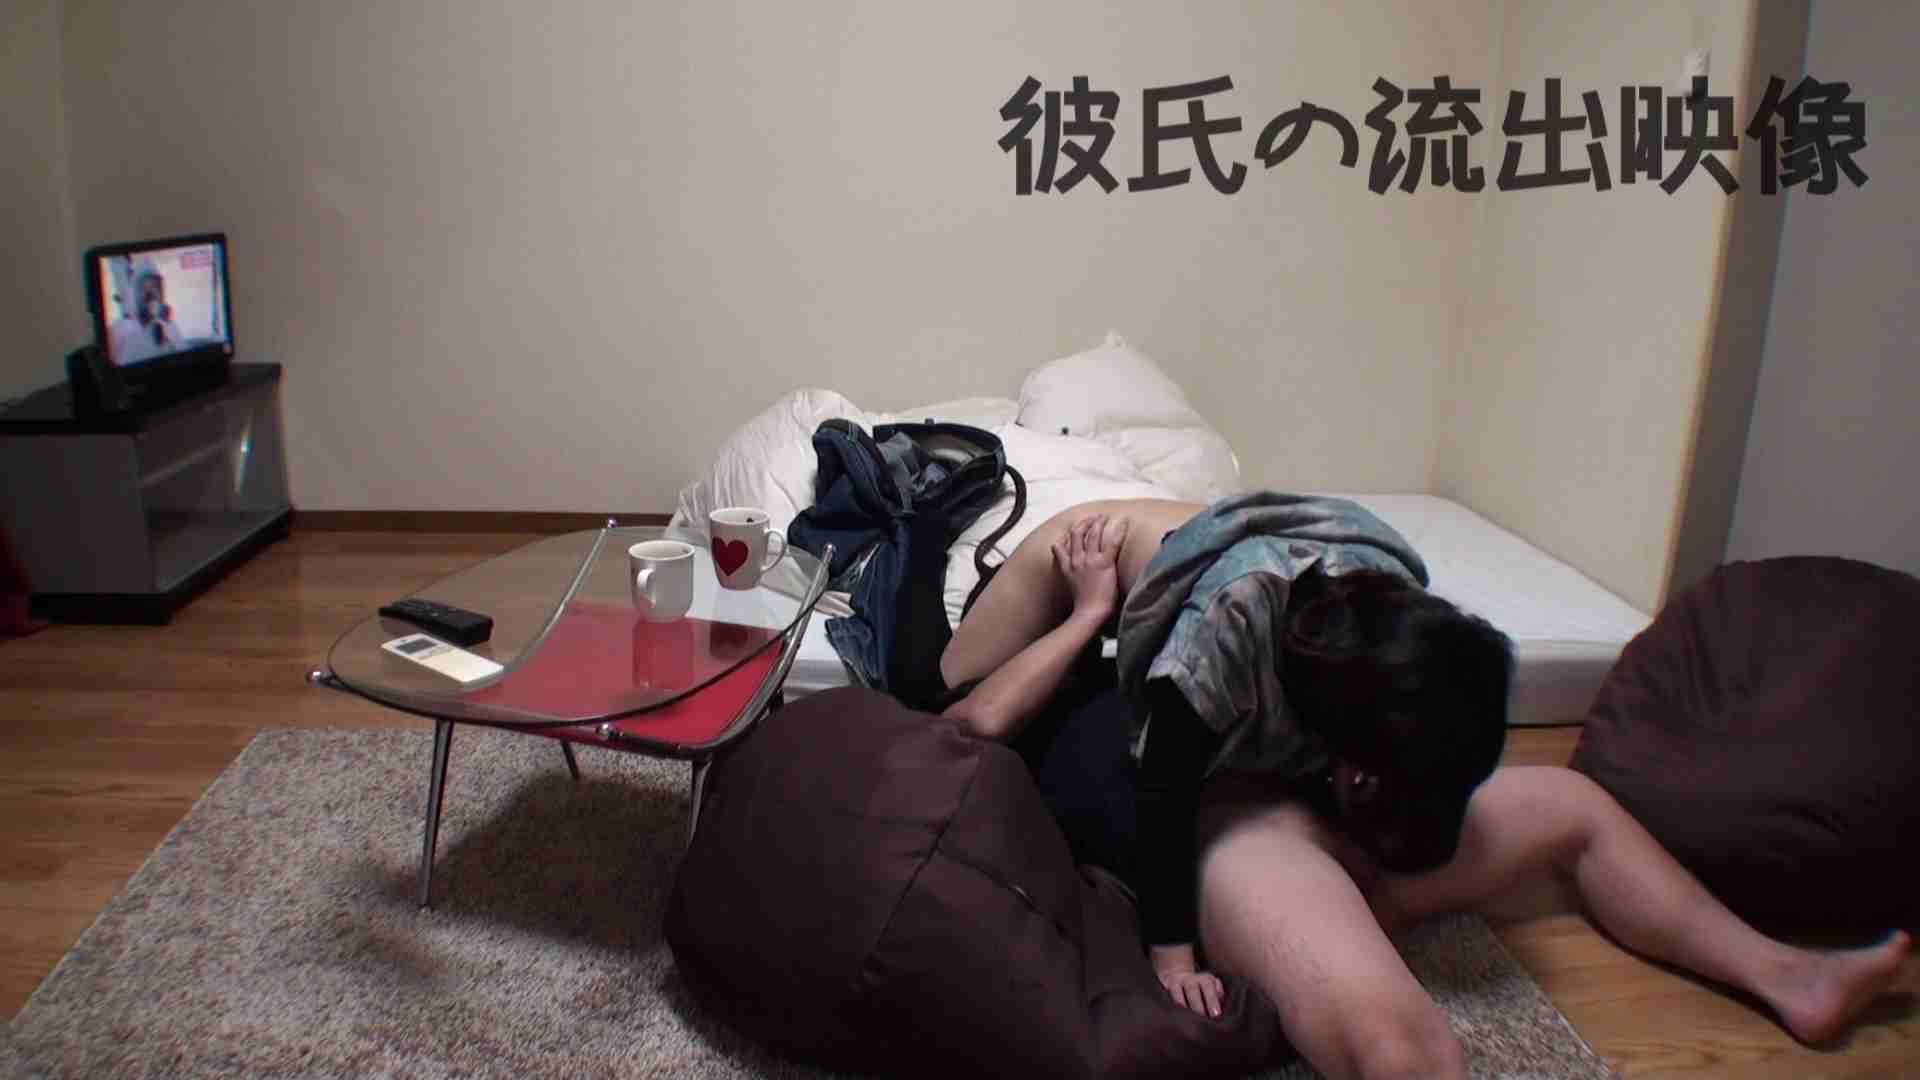 彼氏が流出 パイパン素人嬢のハメ撮り映像02 エッチな素人   SEX  95枚 67